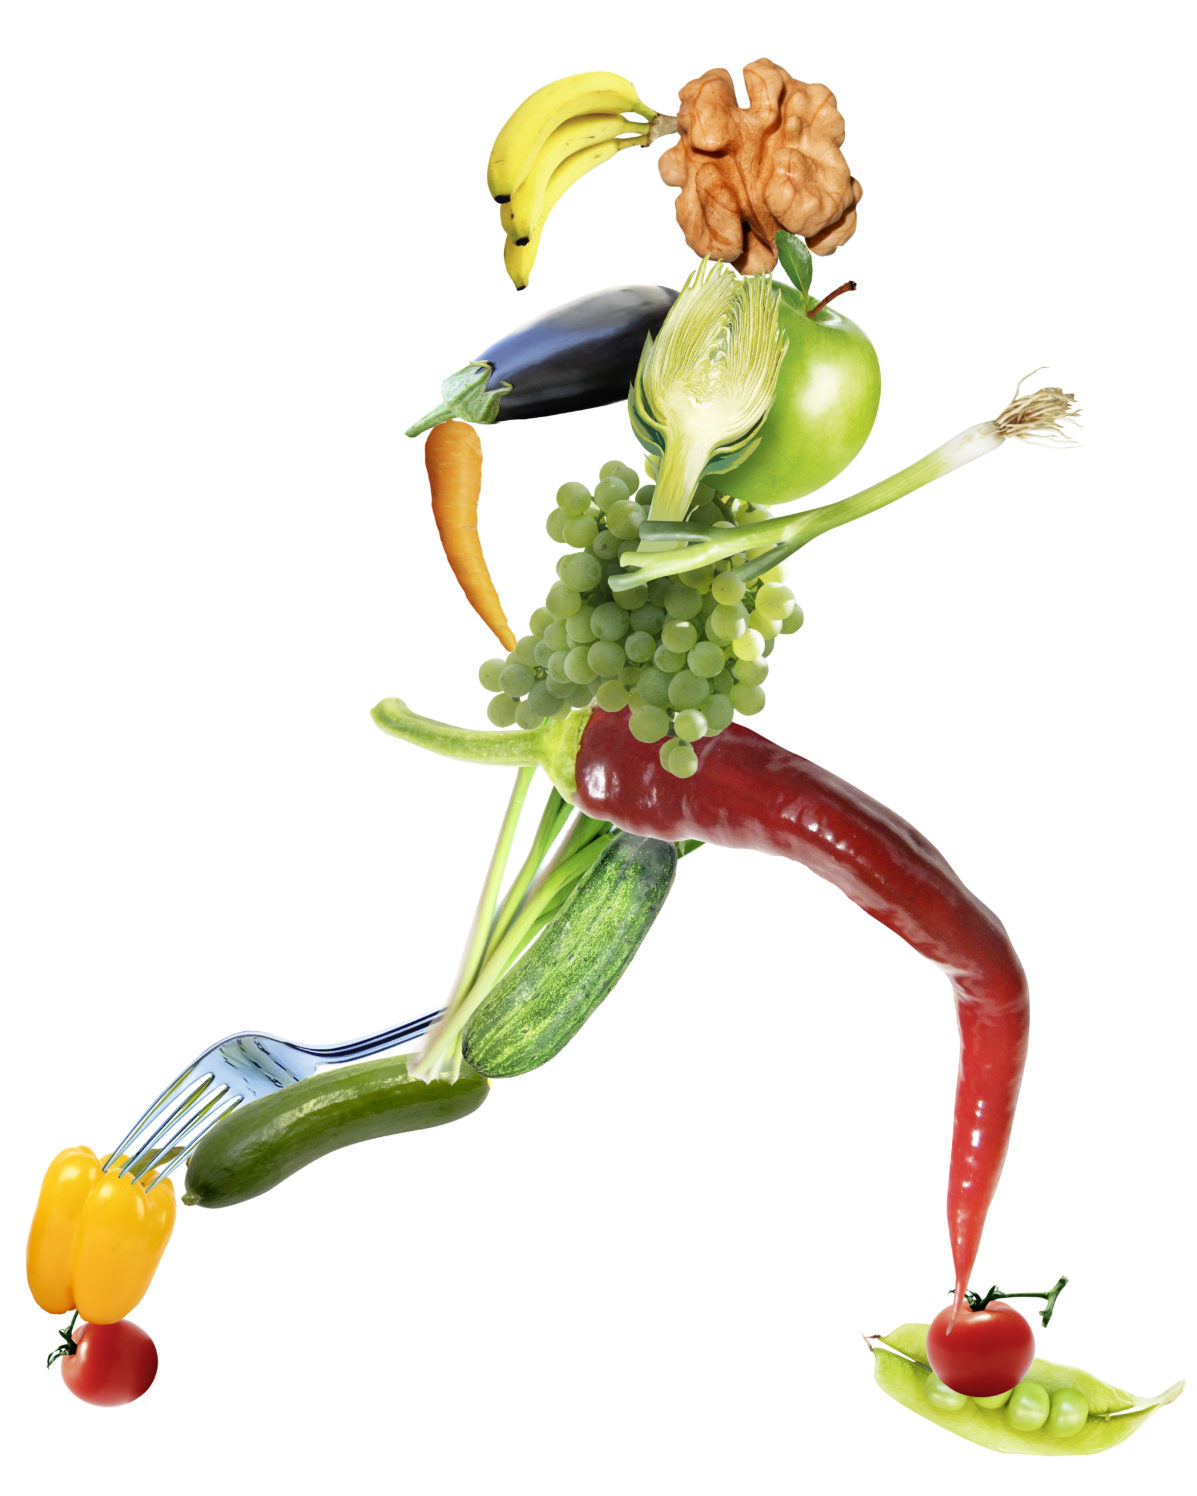 Sport e alimentazione: l'importanza dei nutrienti (carboidrati, proteine e grassi)